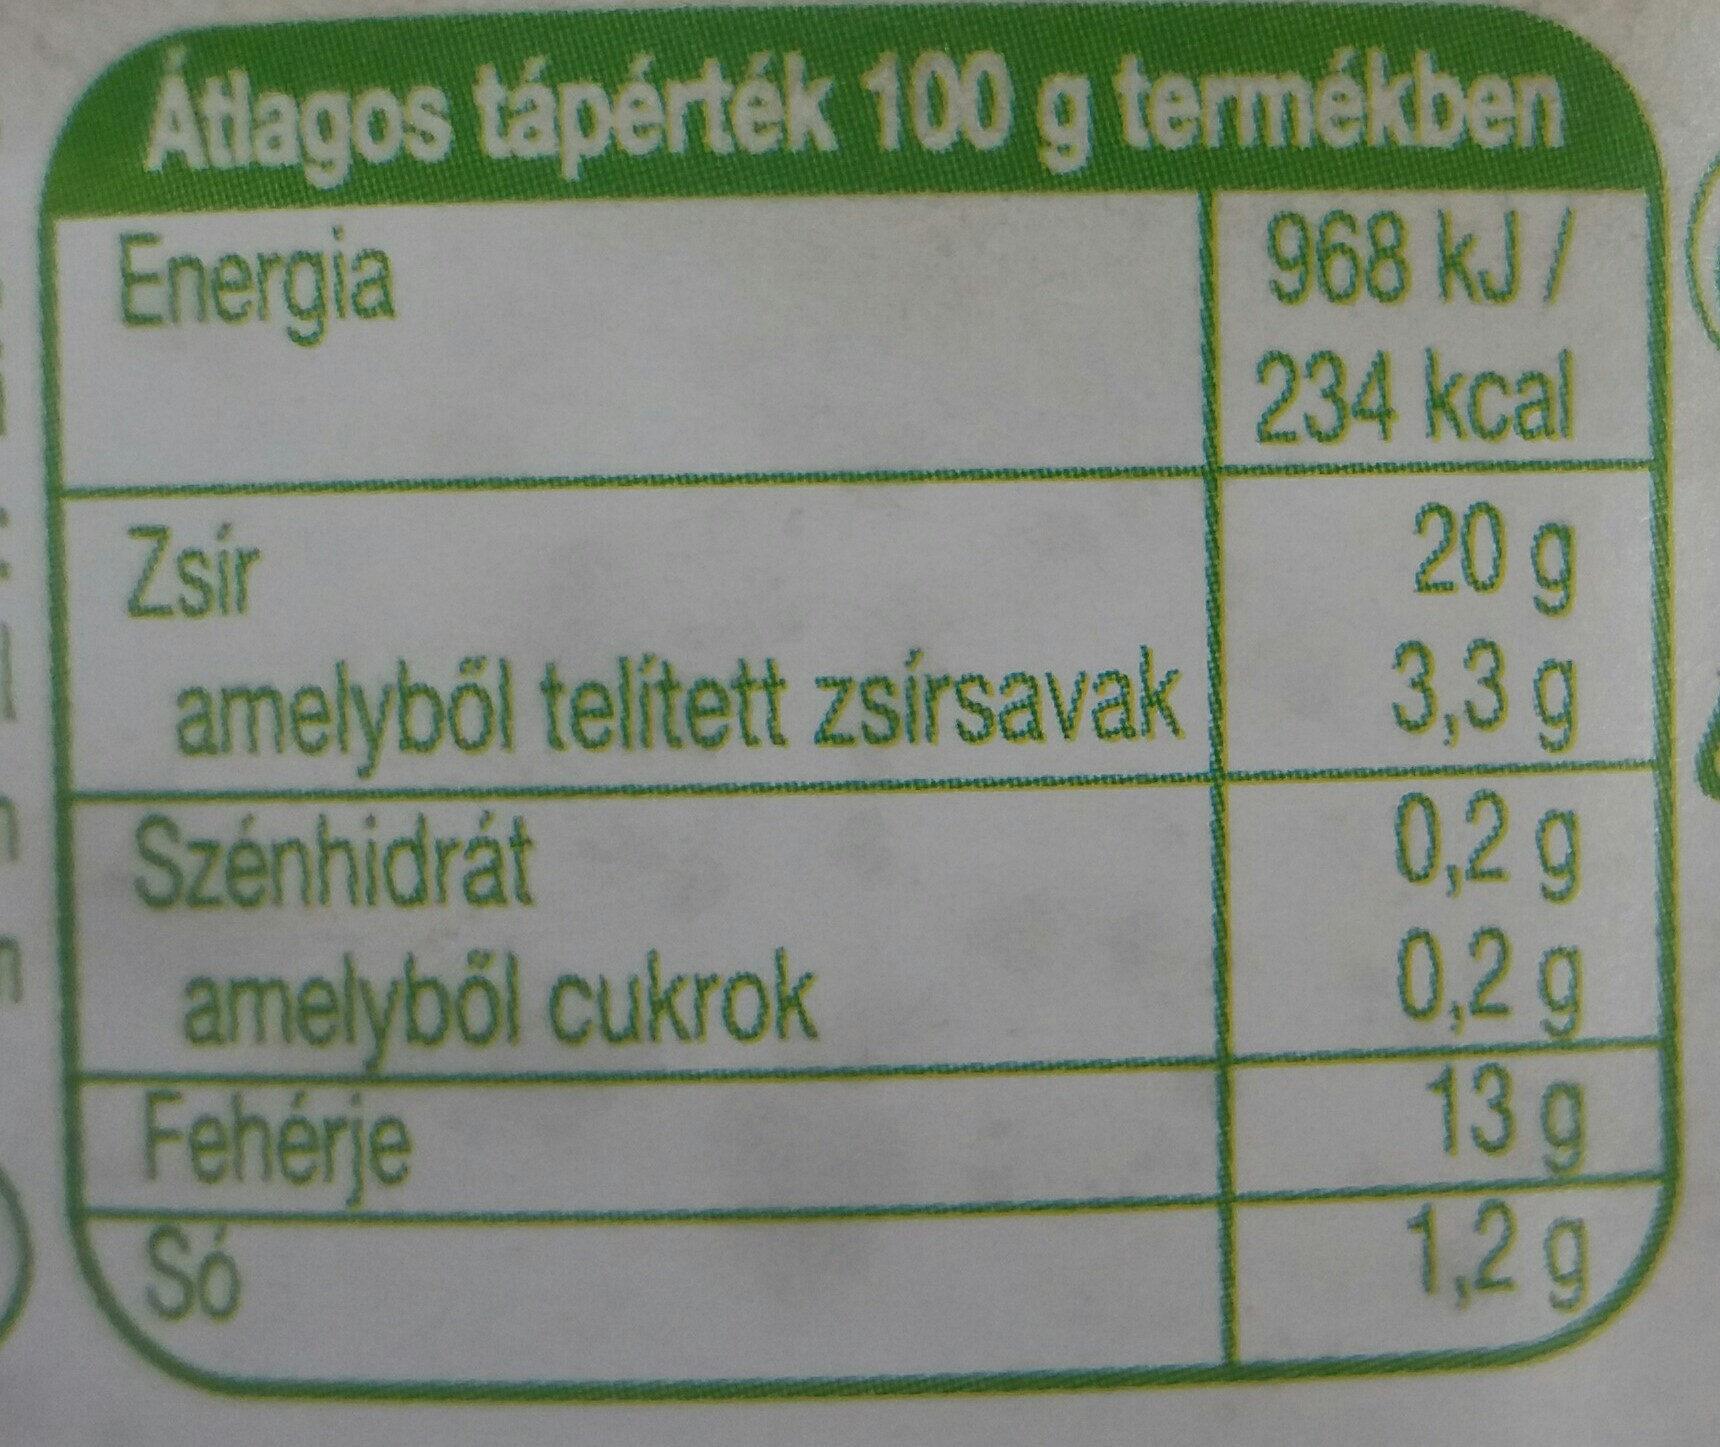 Sprotni növényi olajban - Informations nutritionnelles - hu